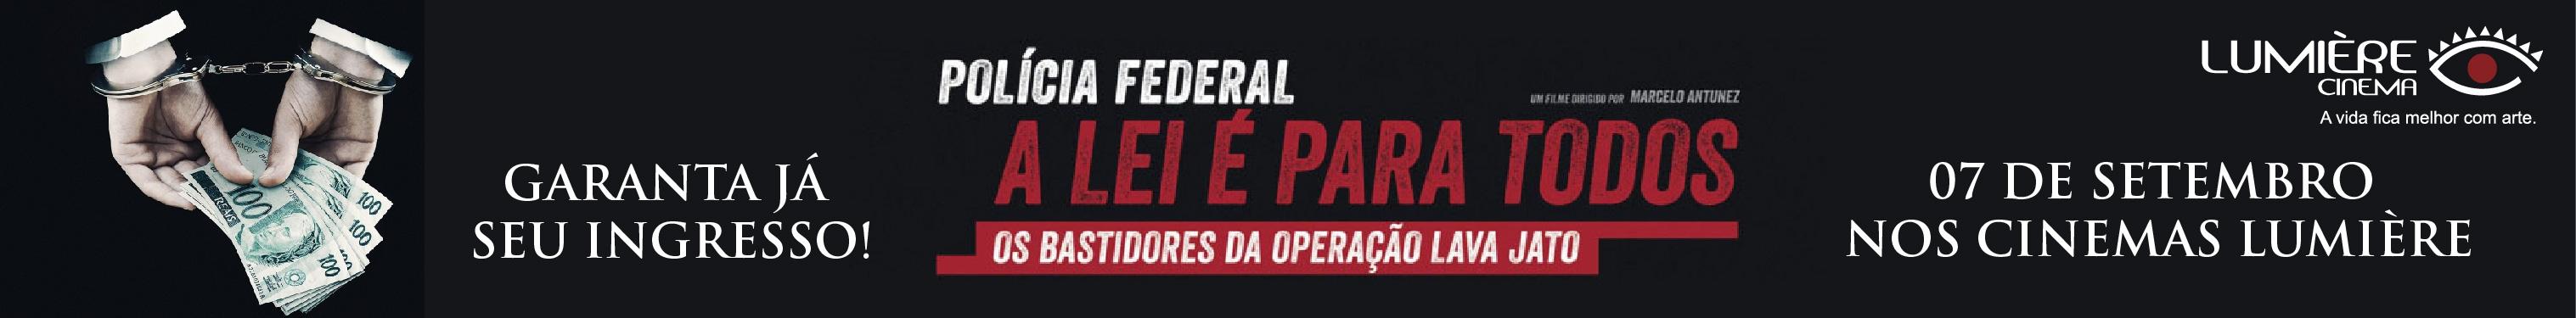 Lumiere - POLÍCIA FEDERAL